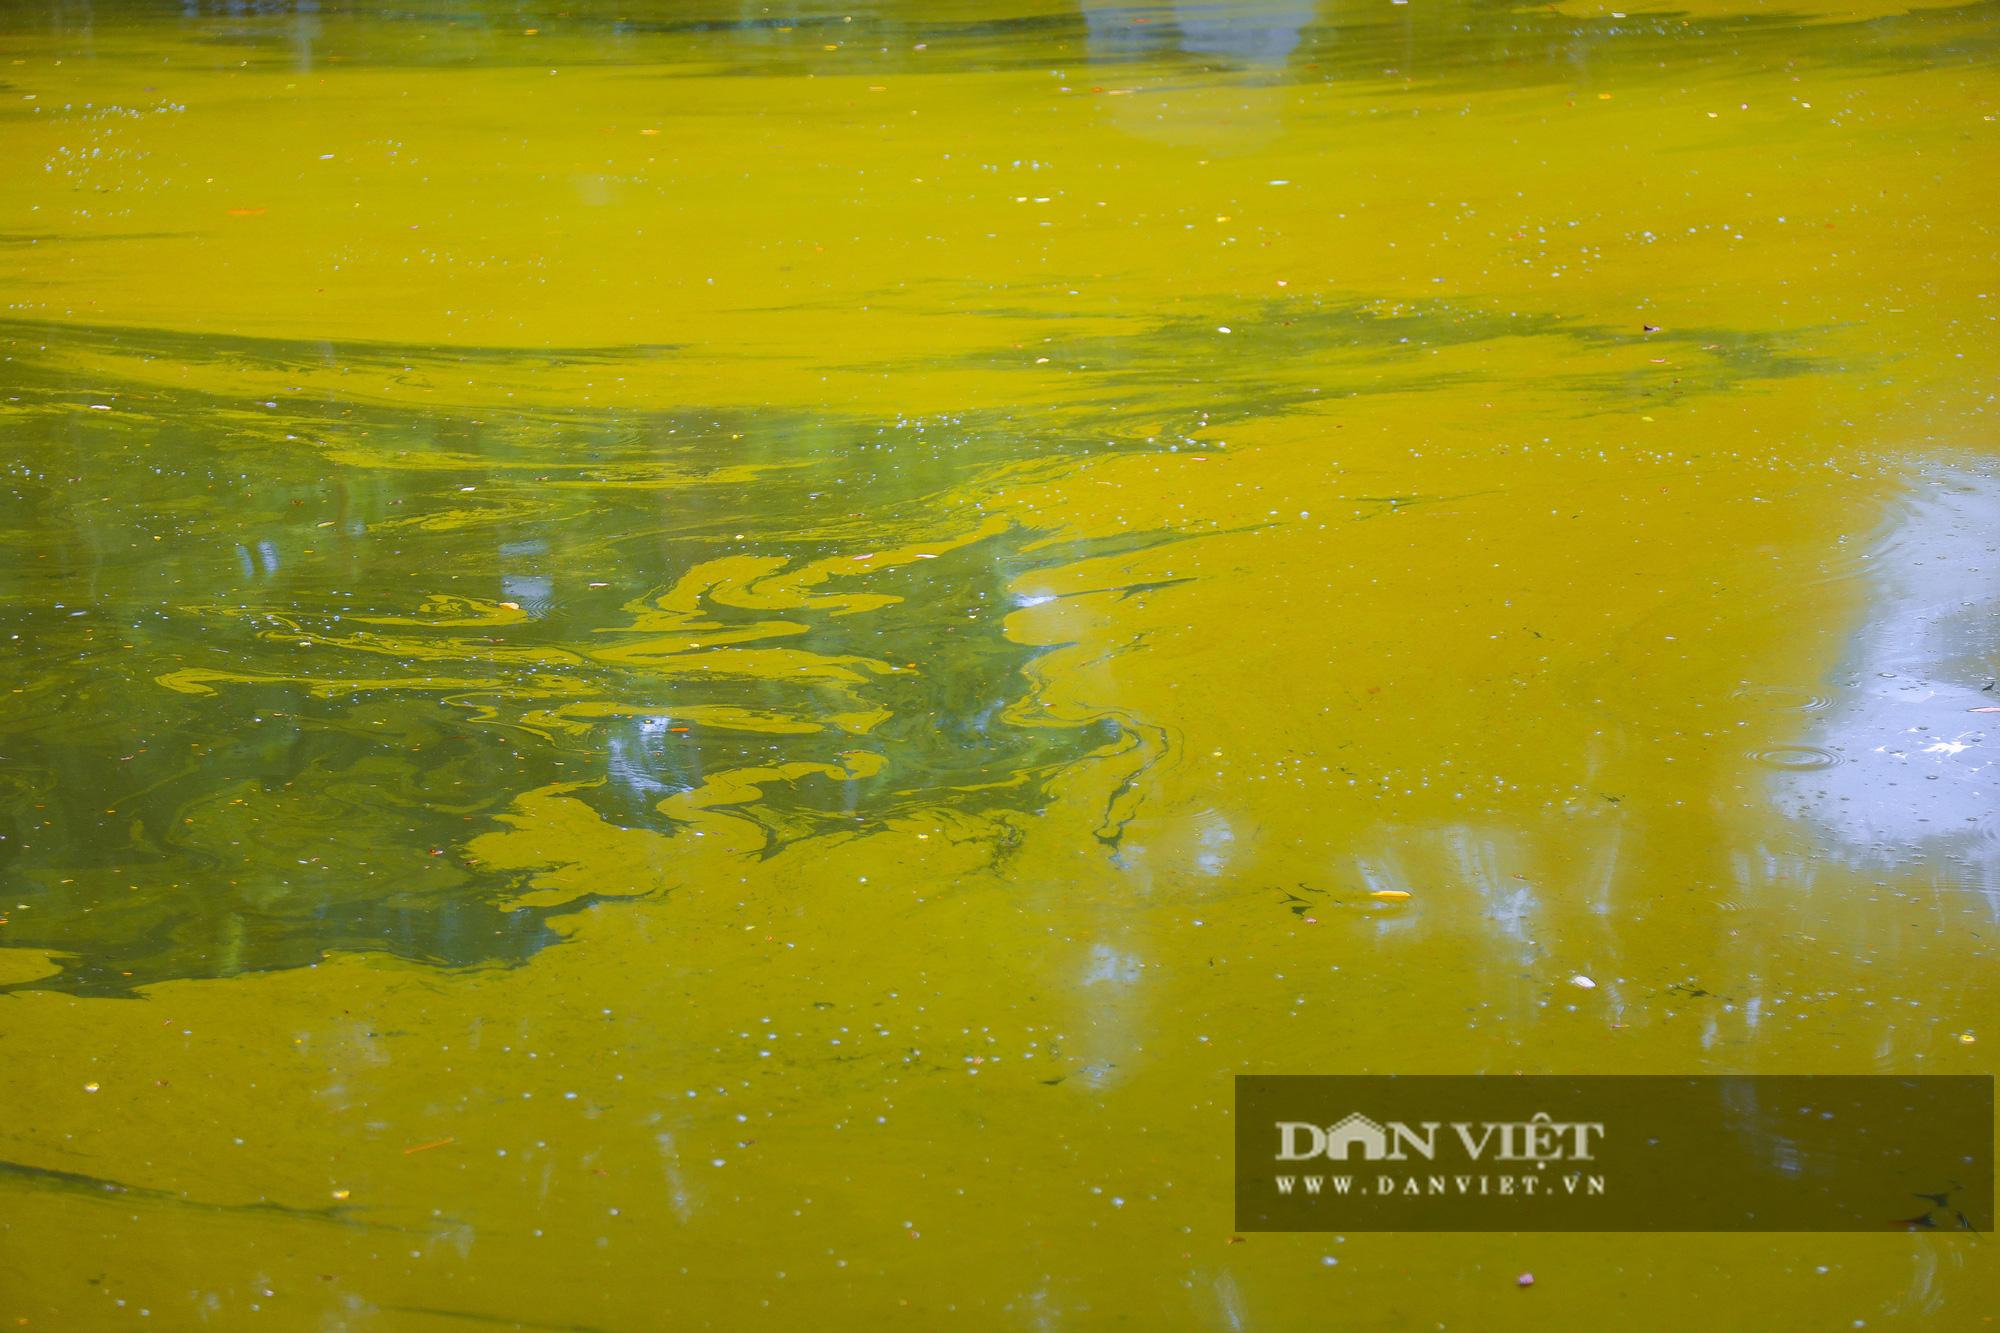 Hà Nội: Mặt nước hồ Bách Thảo bất ngờ chuyển màu vàng lạ mắt - Ảnh 6.